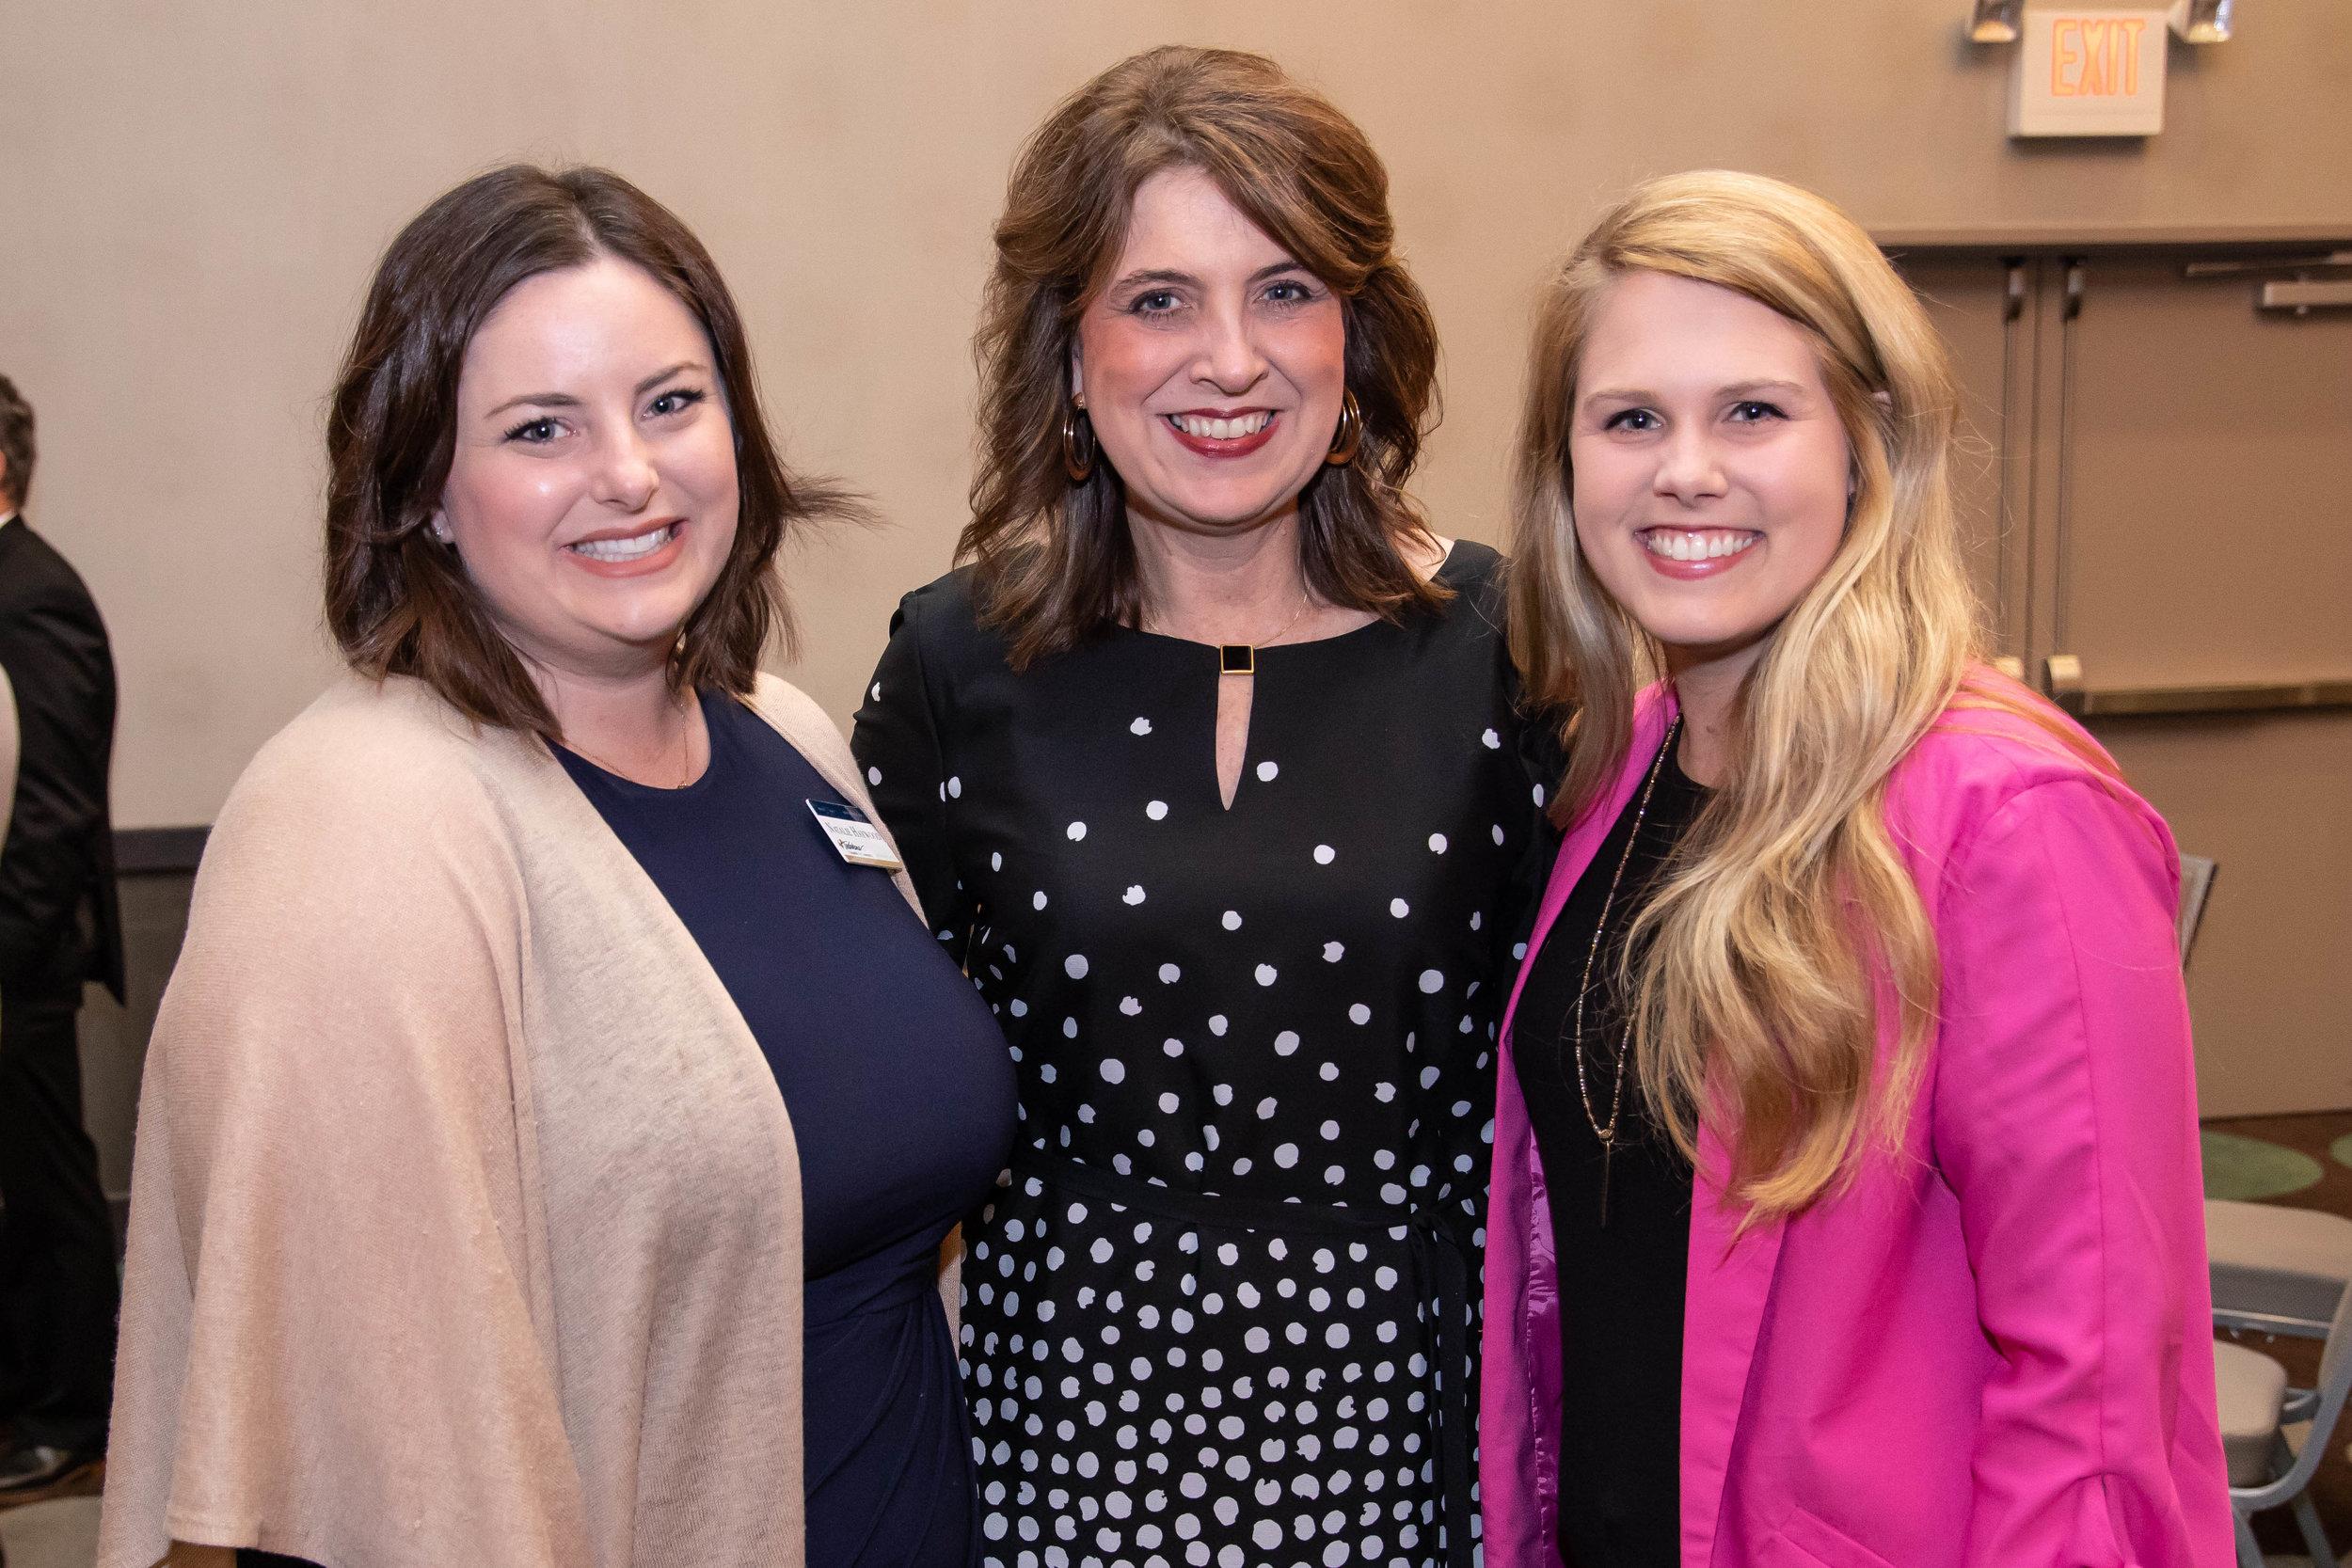 Natalie Haywood, Suzy Irwin and Cara Knight